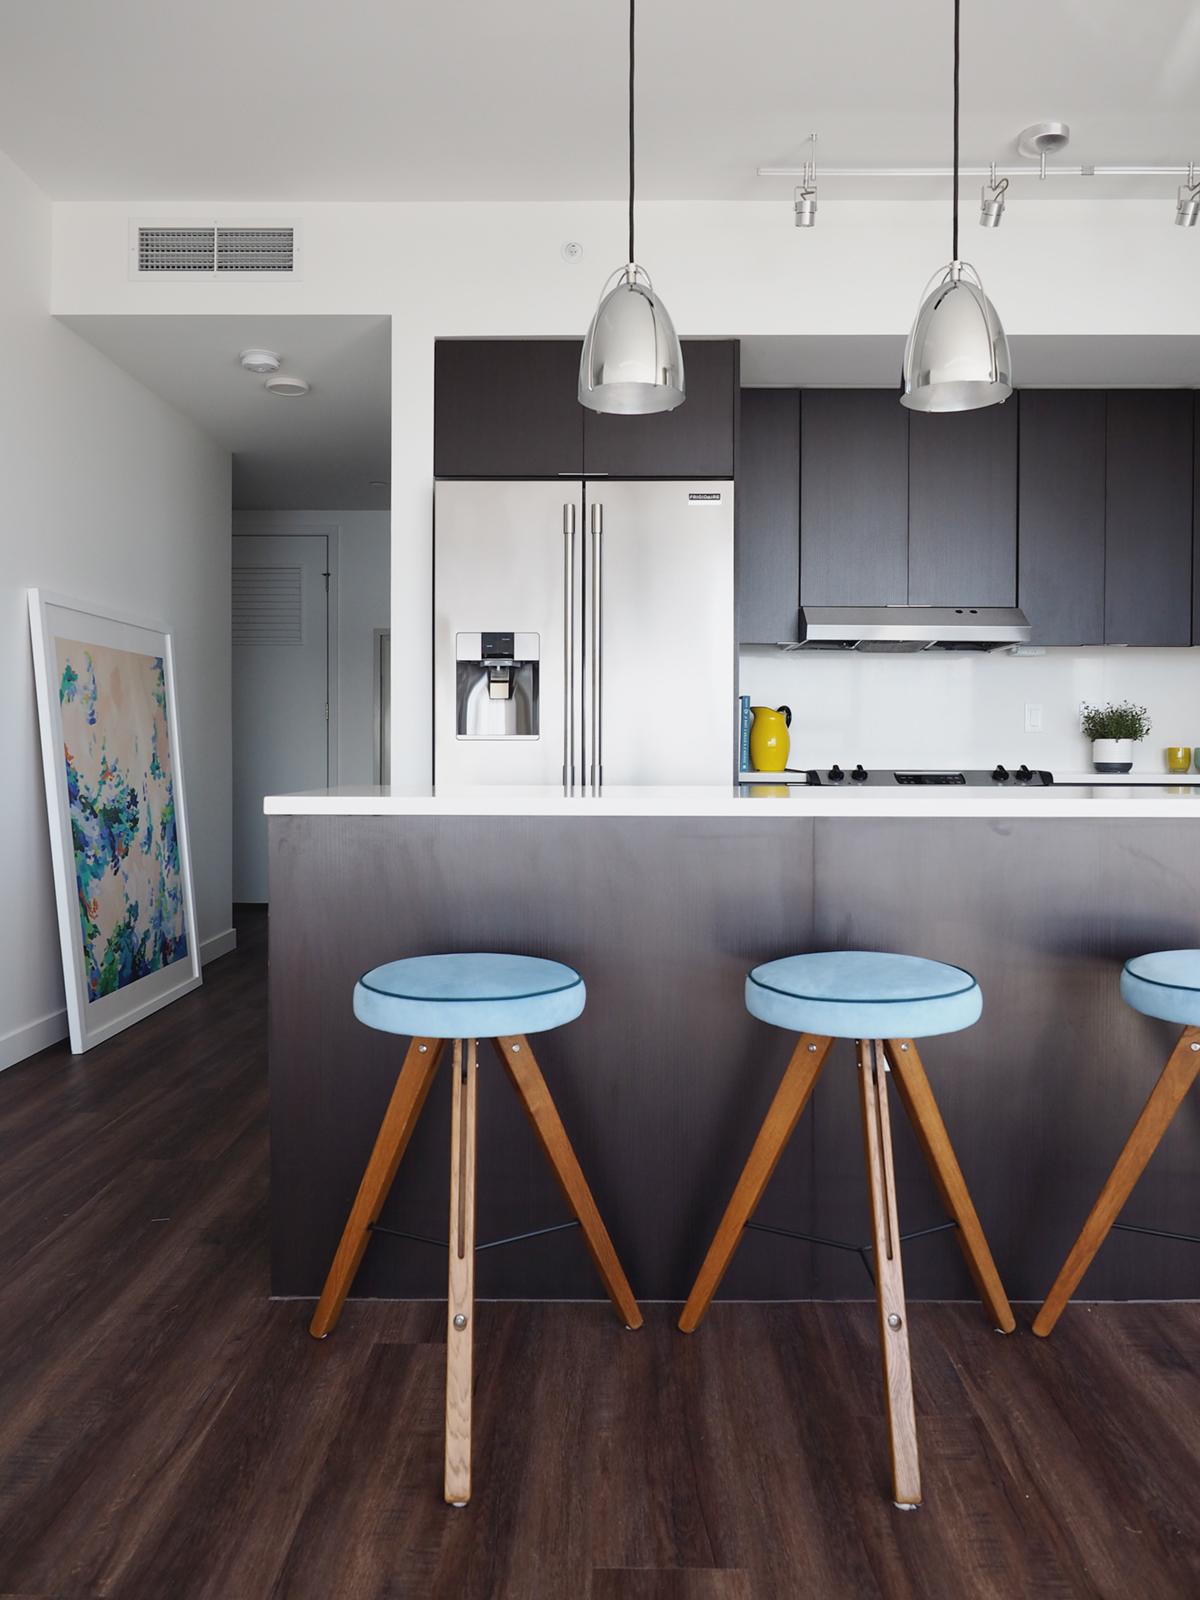 Appartement nautique moderne avec des tabourets personnalisés en ultrasuede | Coco Kelley